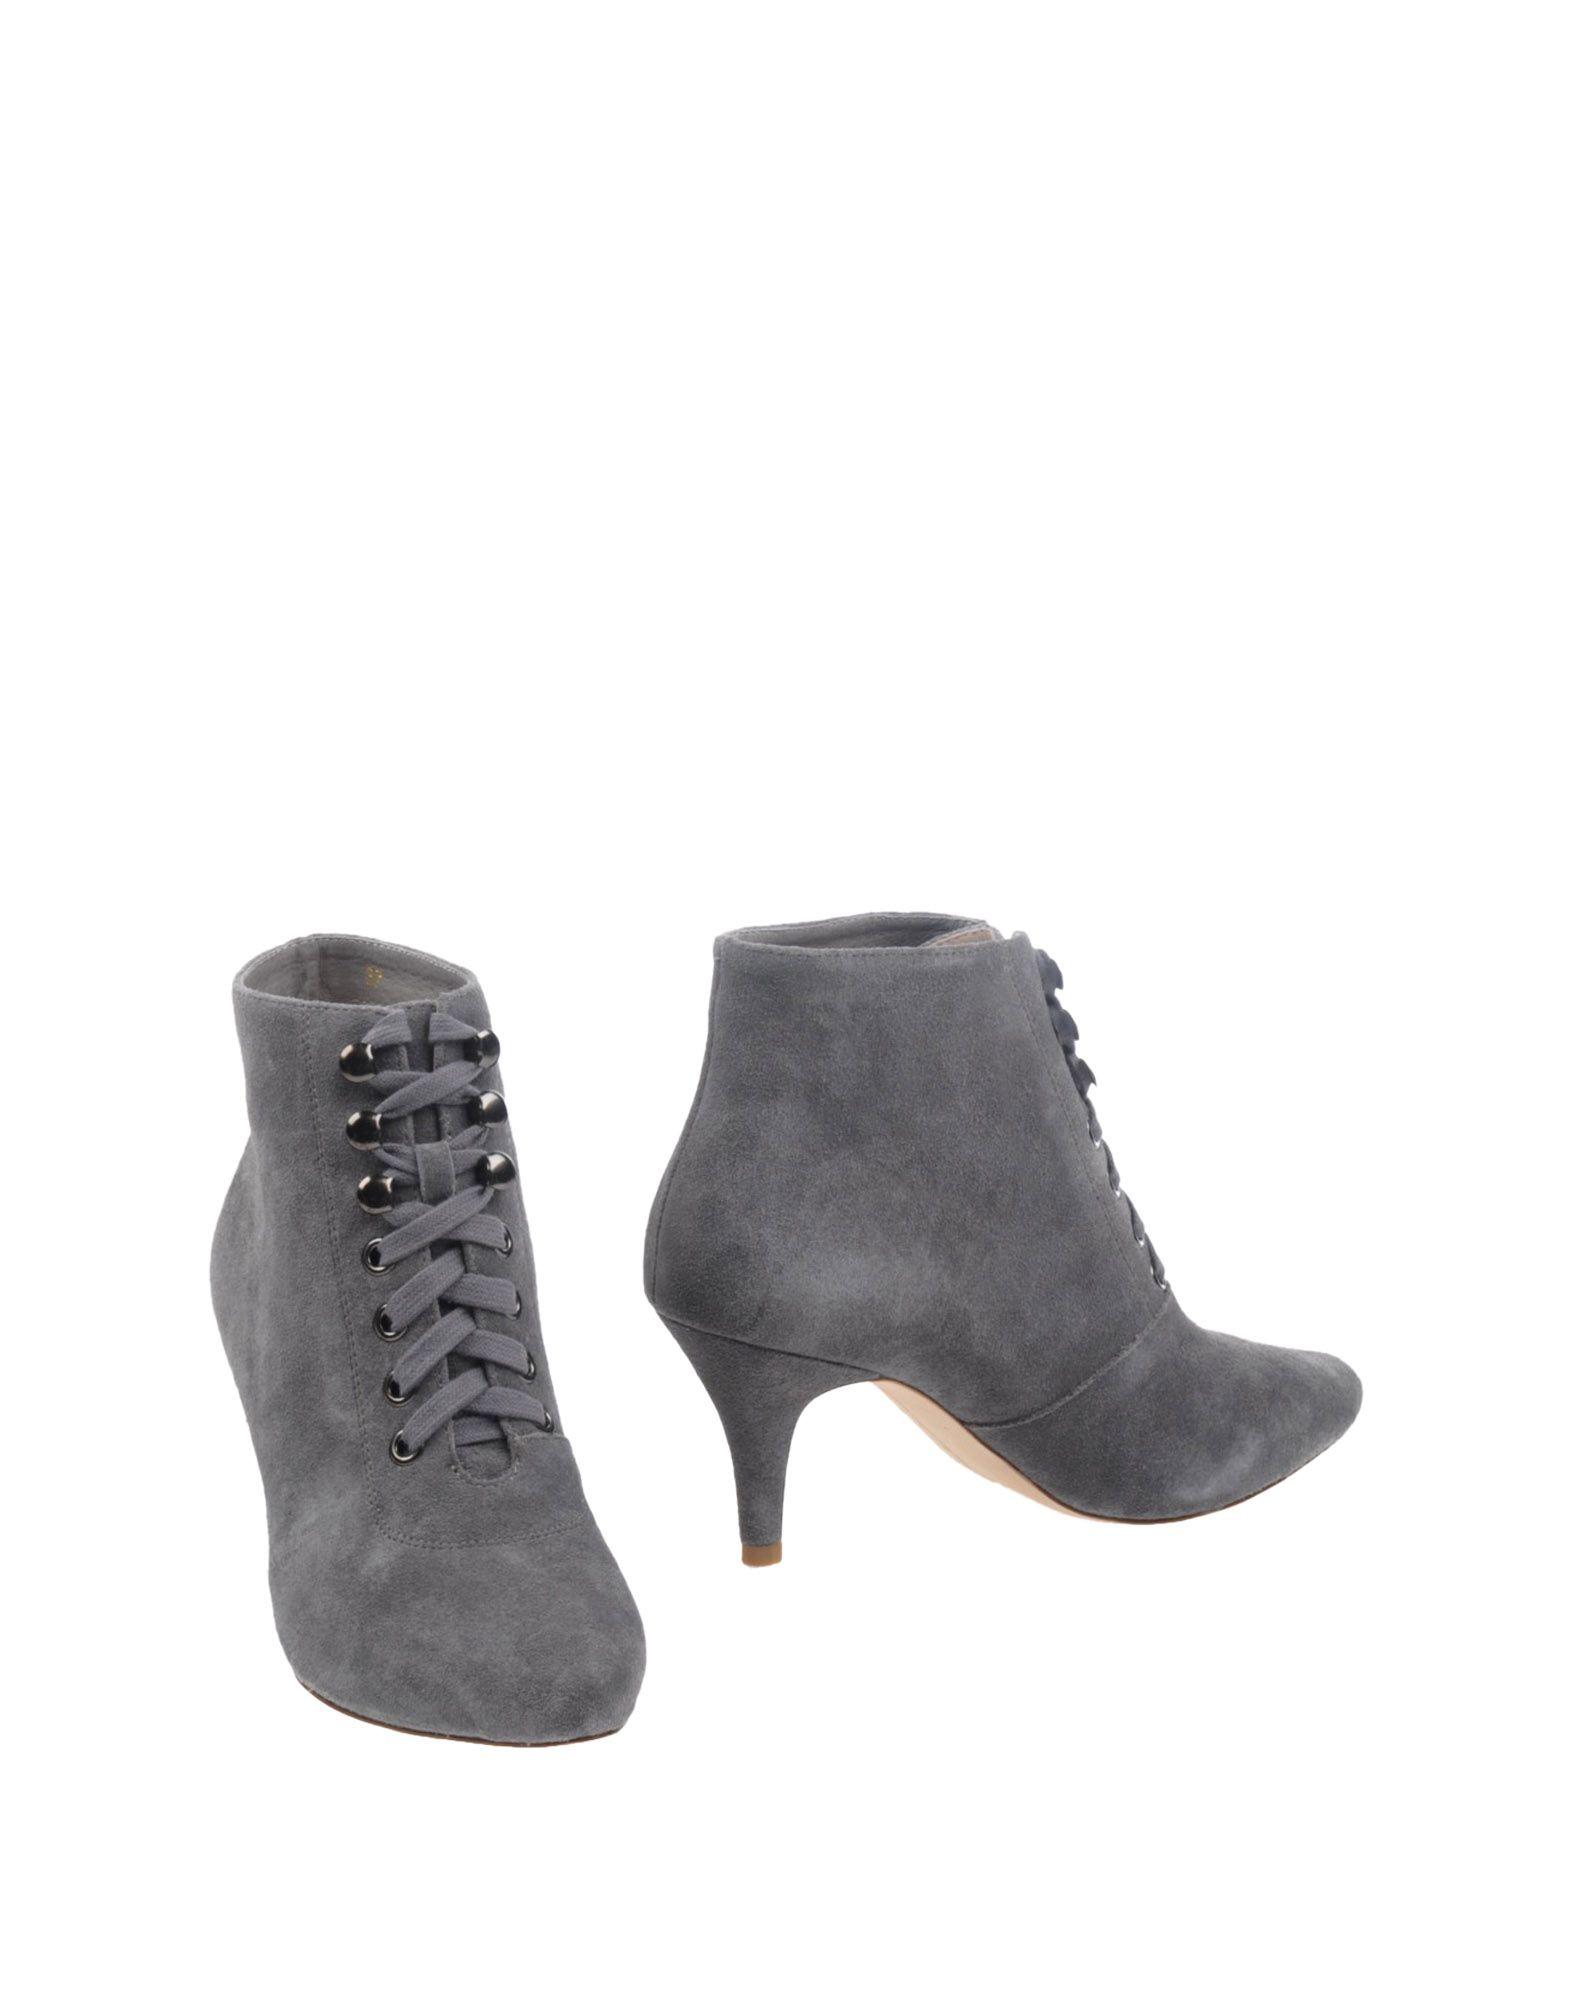 Sargossa Stiefelette Damen  11279401CF Gute Qualität beliebte Schuhe